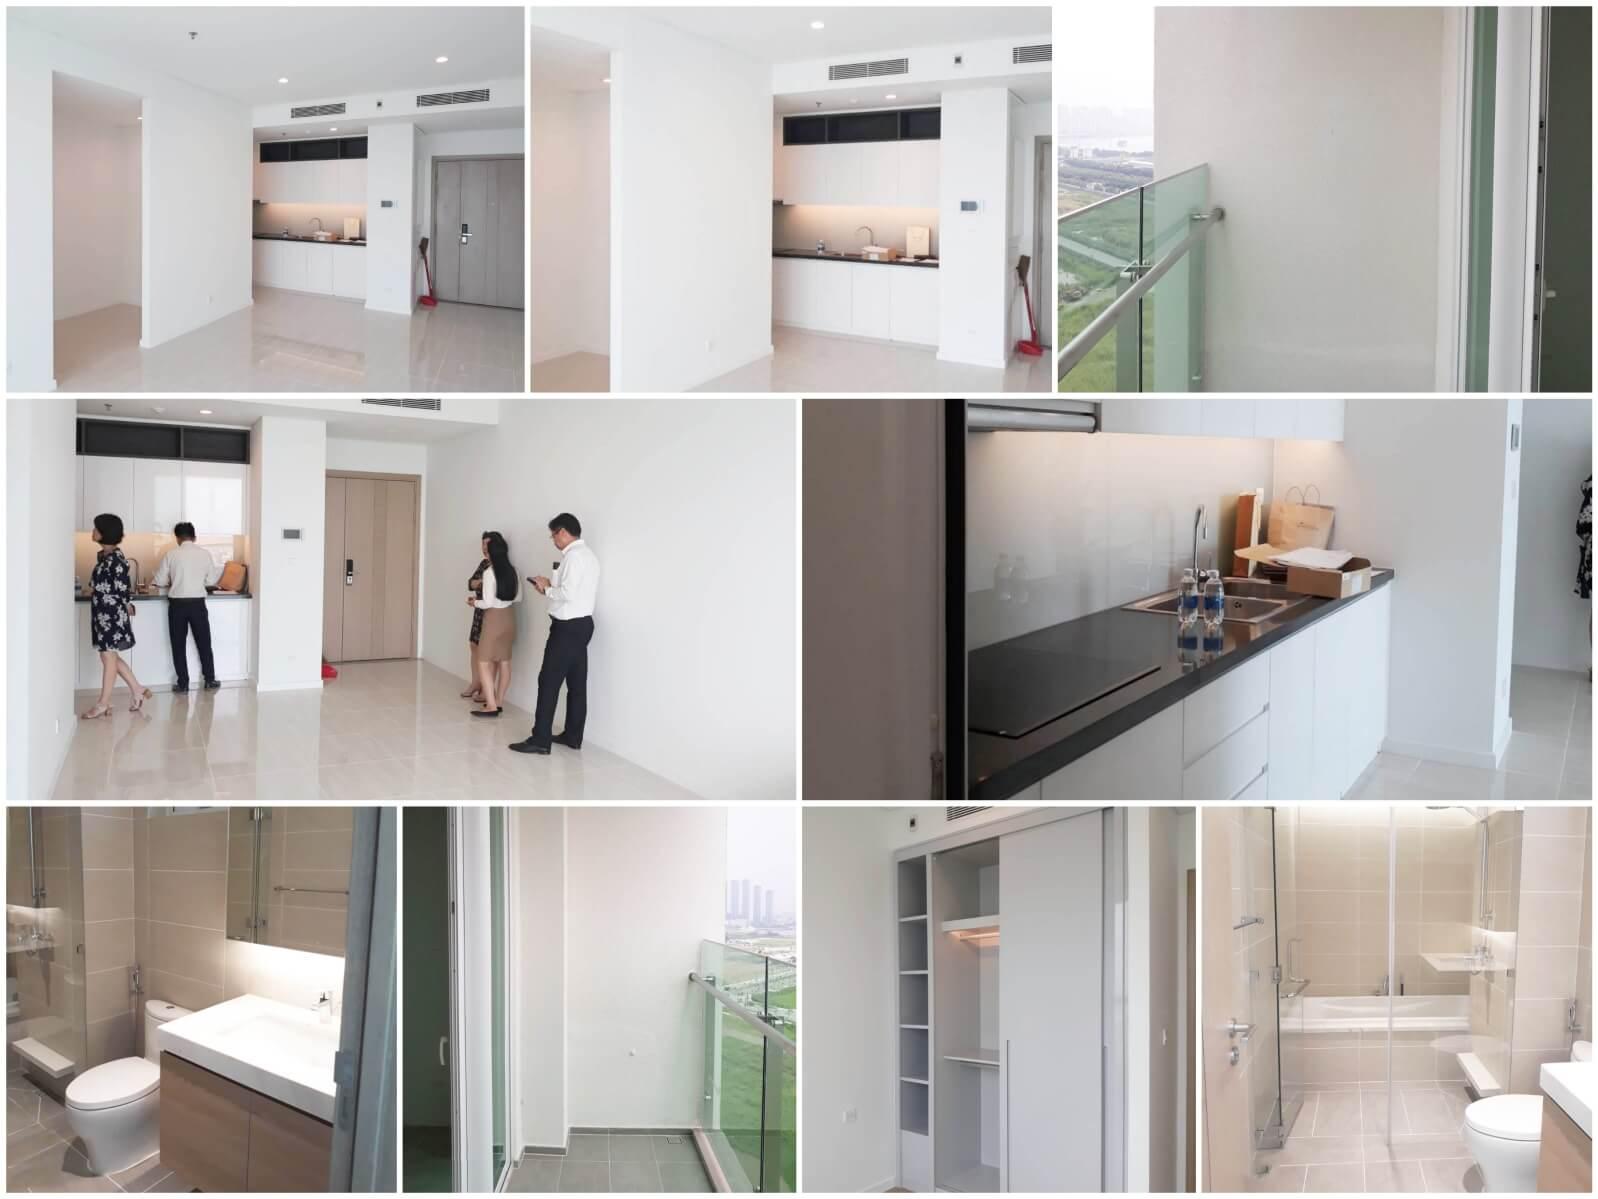 Hình ảnh nghiệm thu bàn giao căn hộ Sadora, khu đô thị Sala